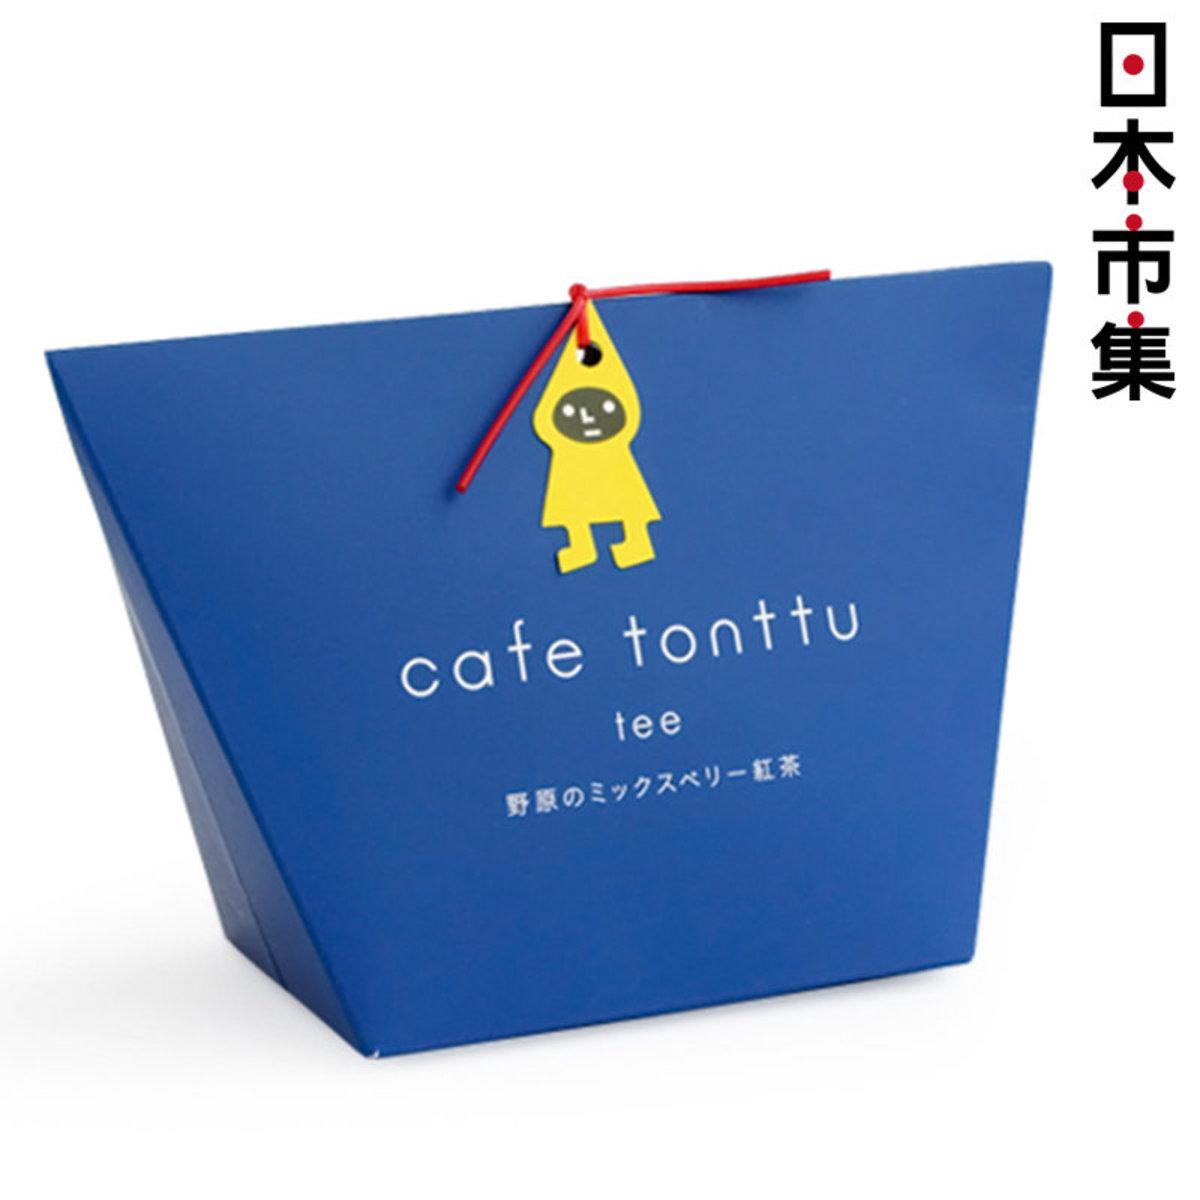 日版 Cafe tonttu 混合莓果紅茶 5包【市集世界 - MOAN】